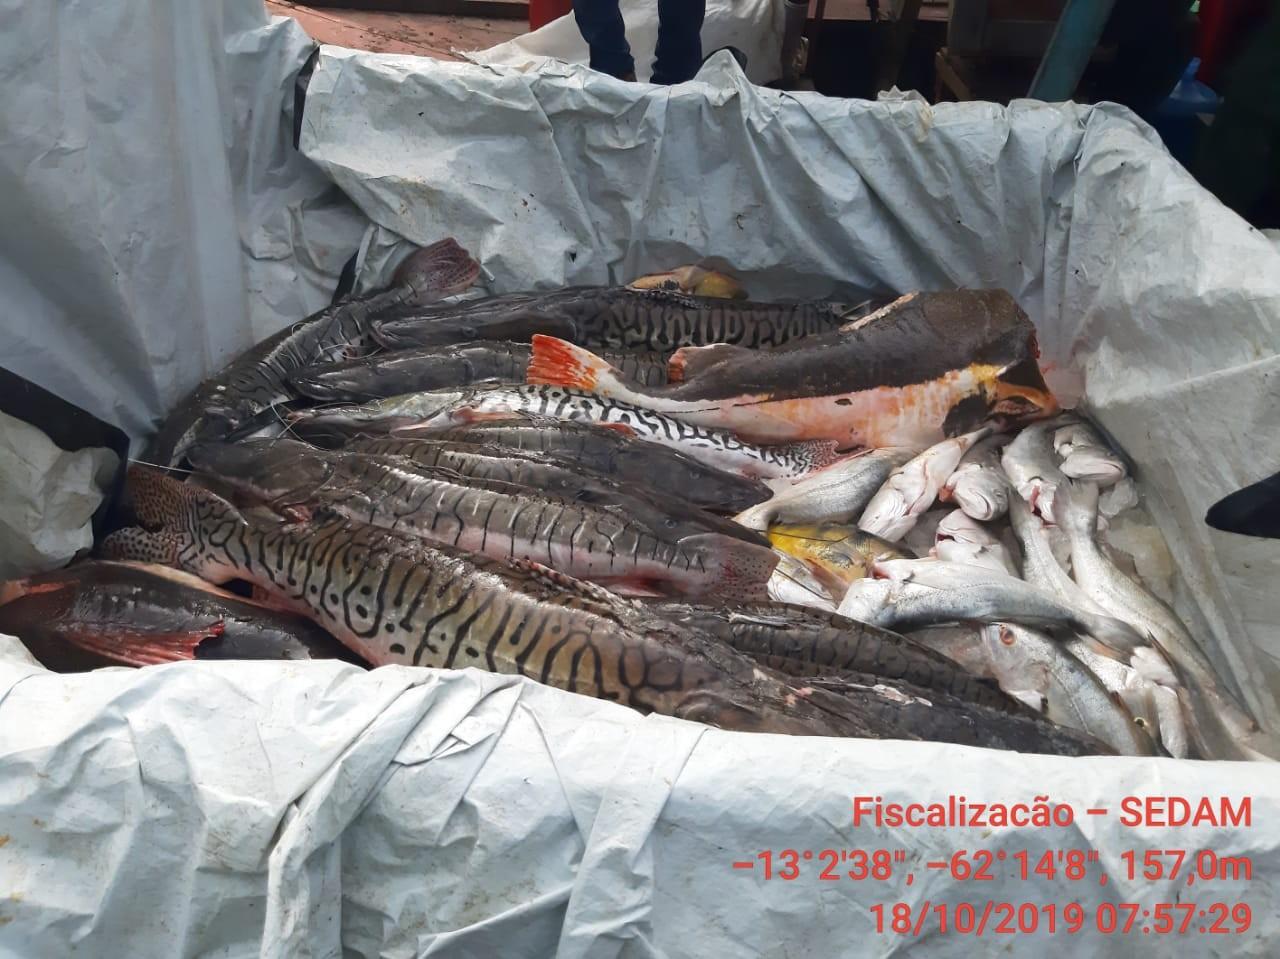 Quase 700 kg de peixes são apreendidos pela Polícia Ambiental em RO - Notícias - Plantão Diário